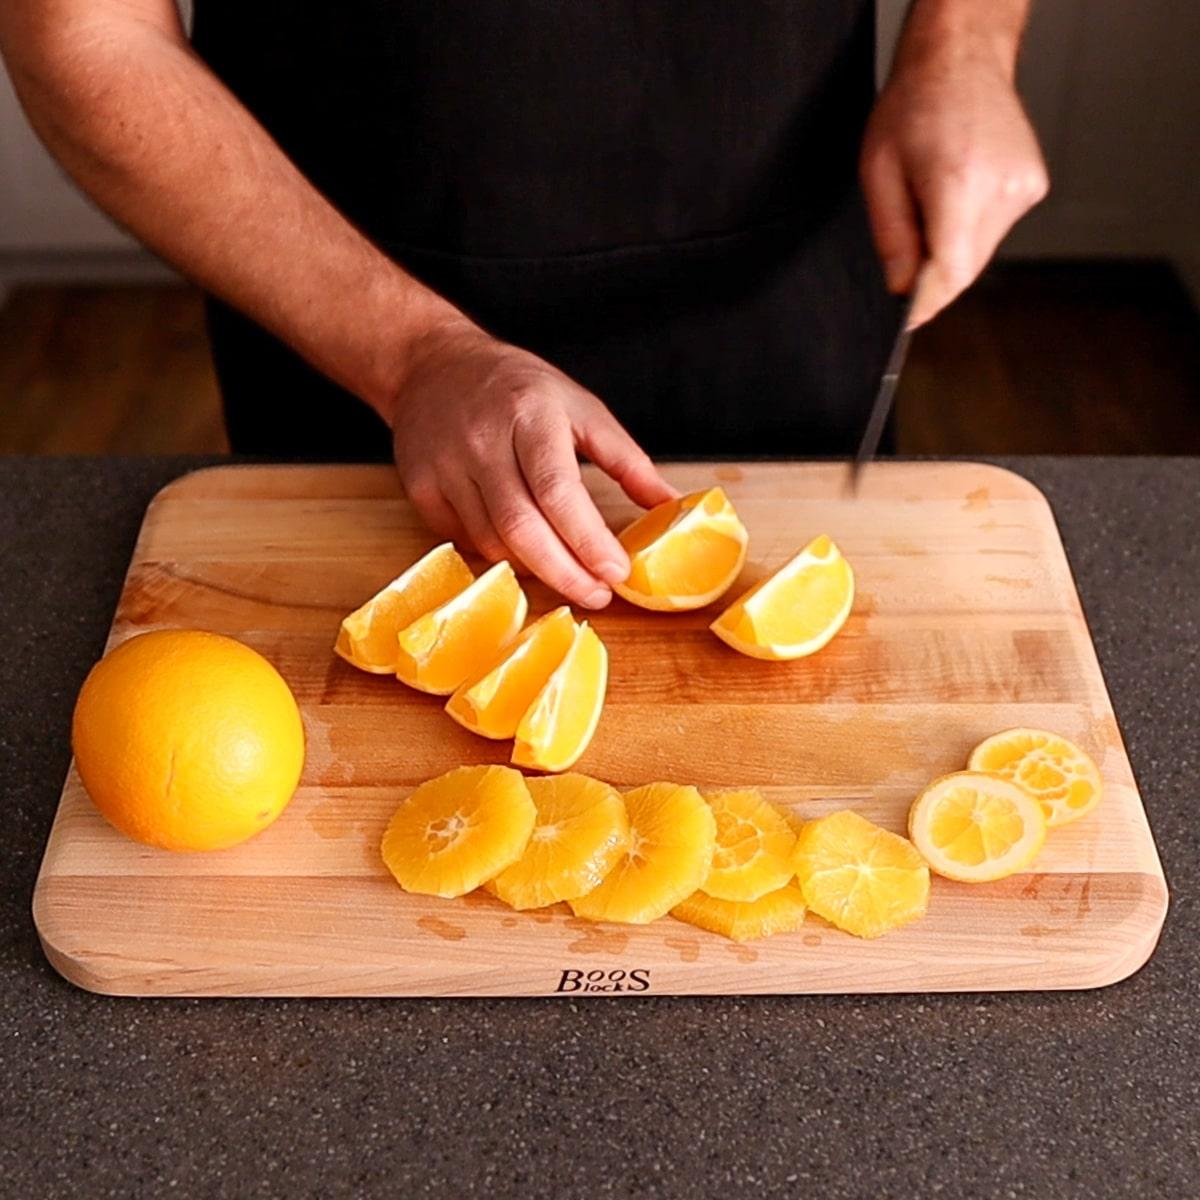 cutting oranges on a cutting board